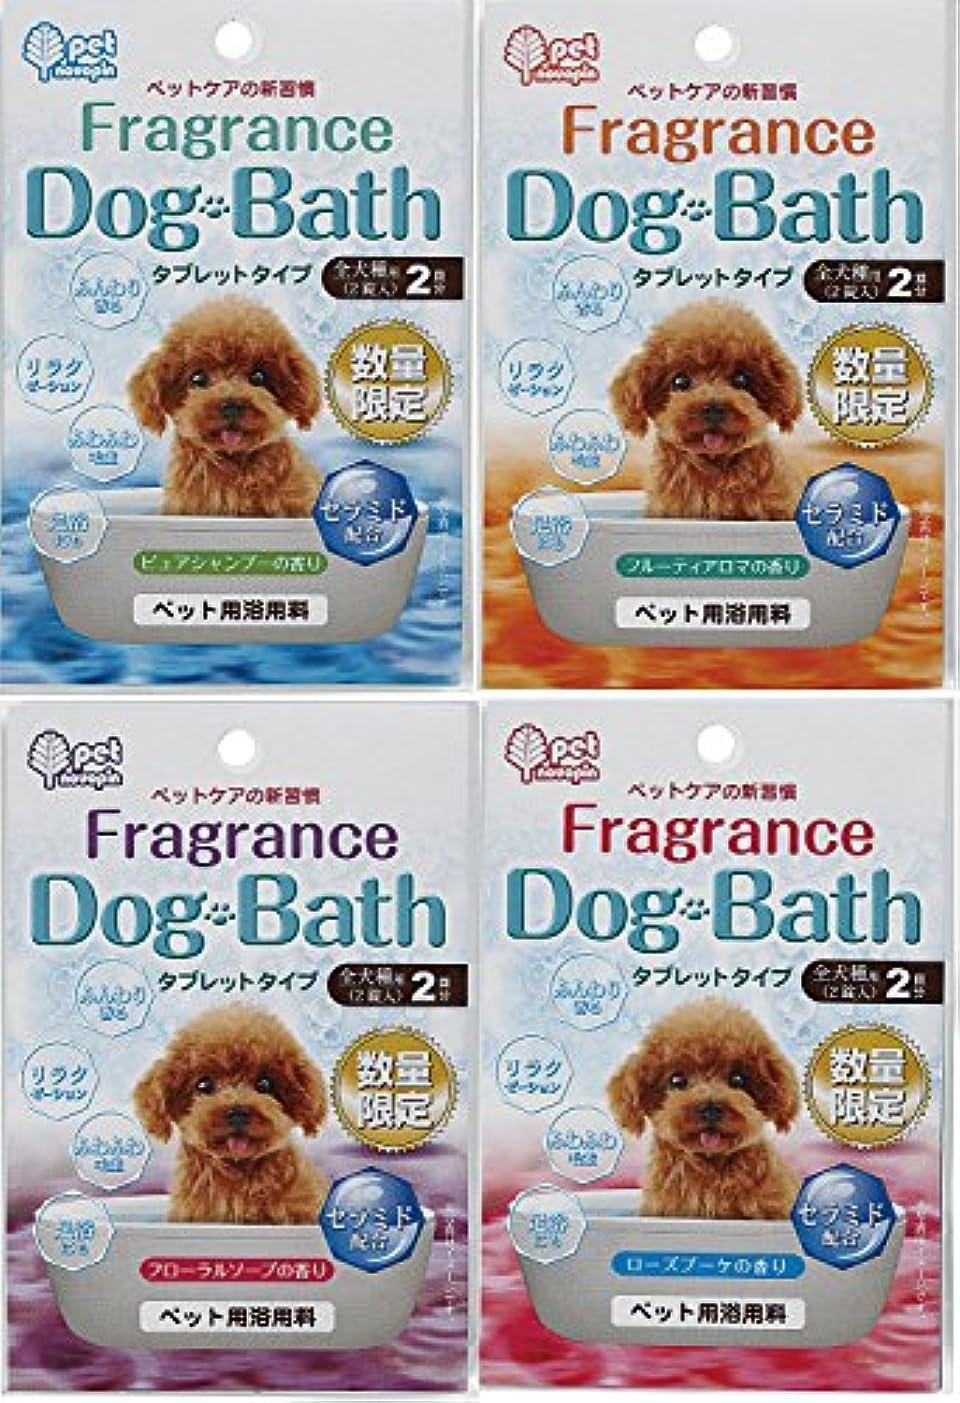 パイプスカルクマイナー紀陽除虫菊 入浴剤 フレグランスドッグバス タブレットタイプ 全犬種用(2錠入り)×4種